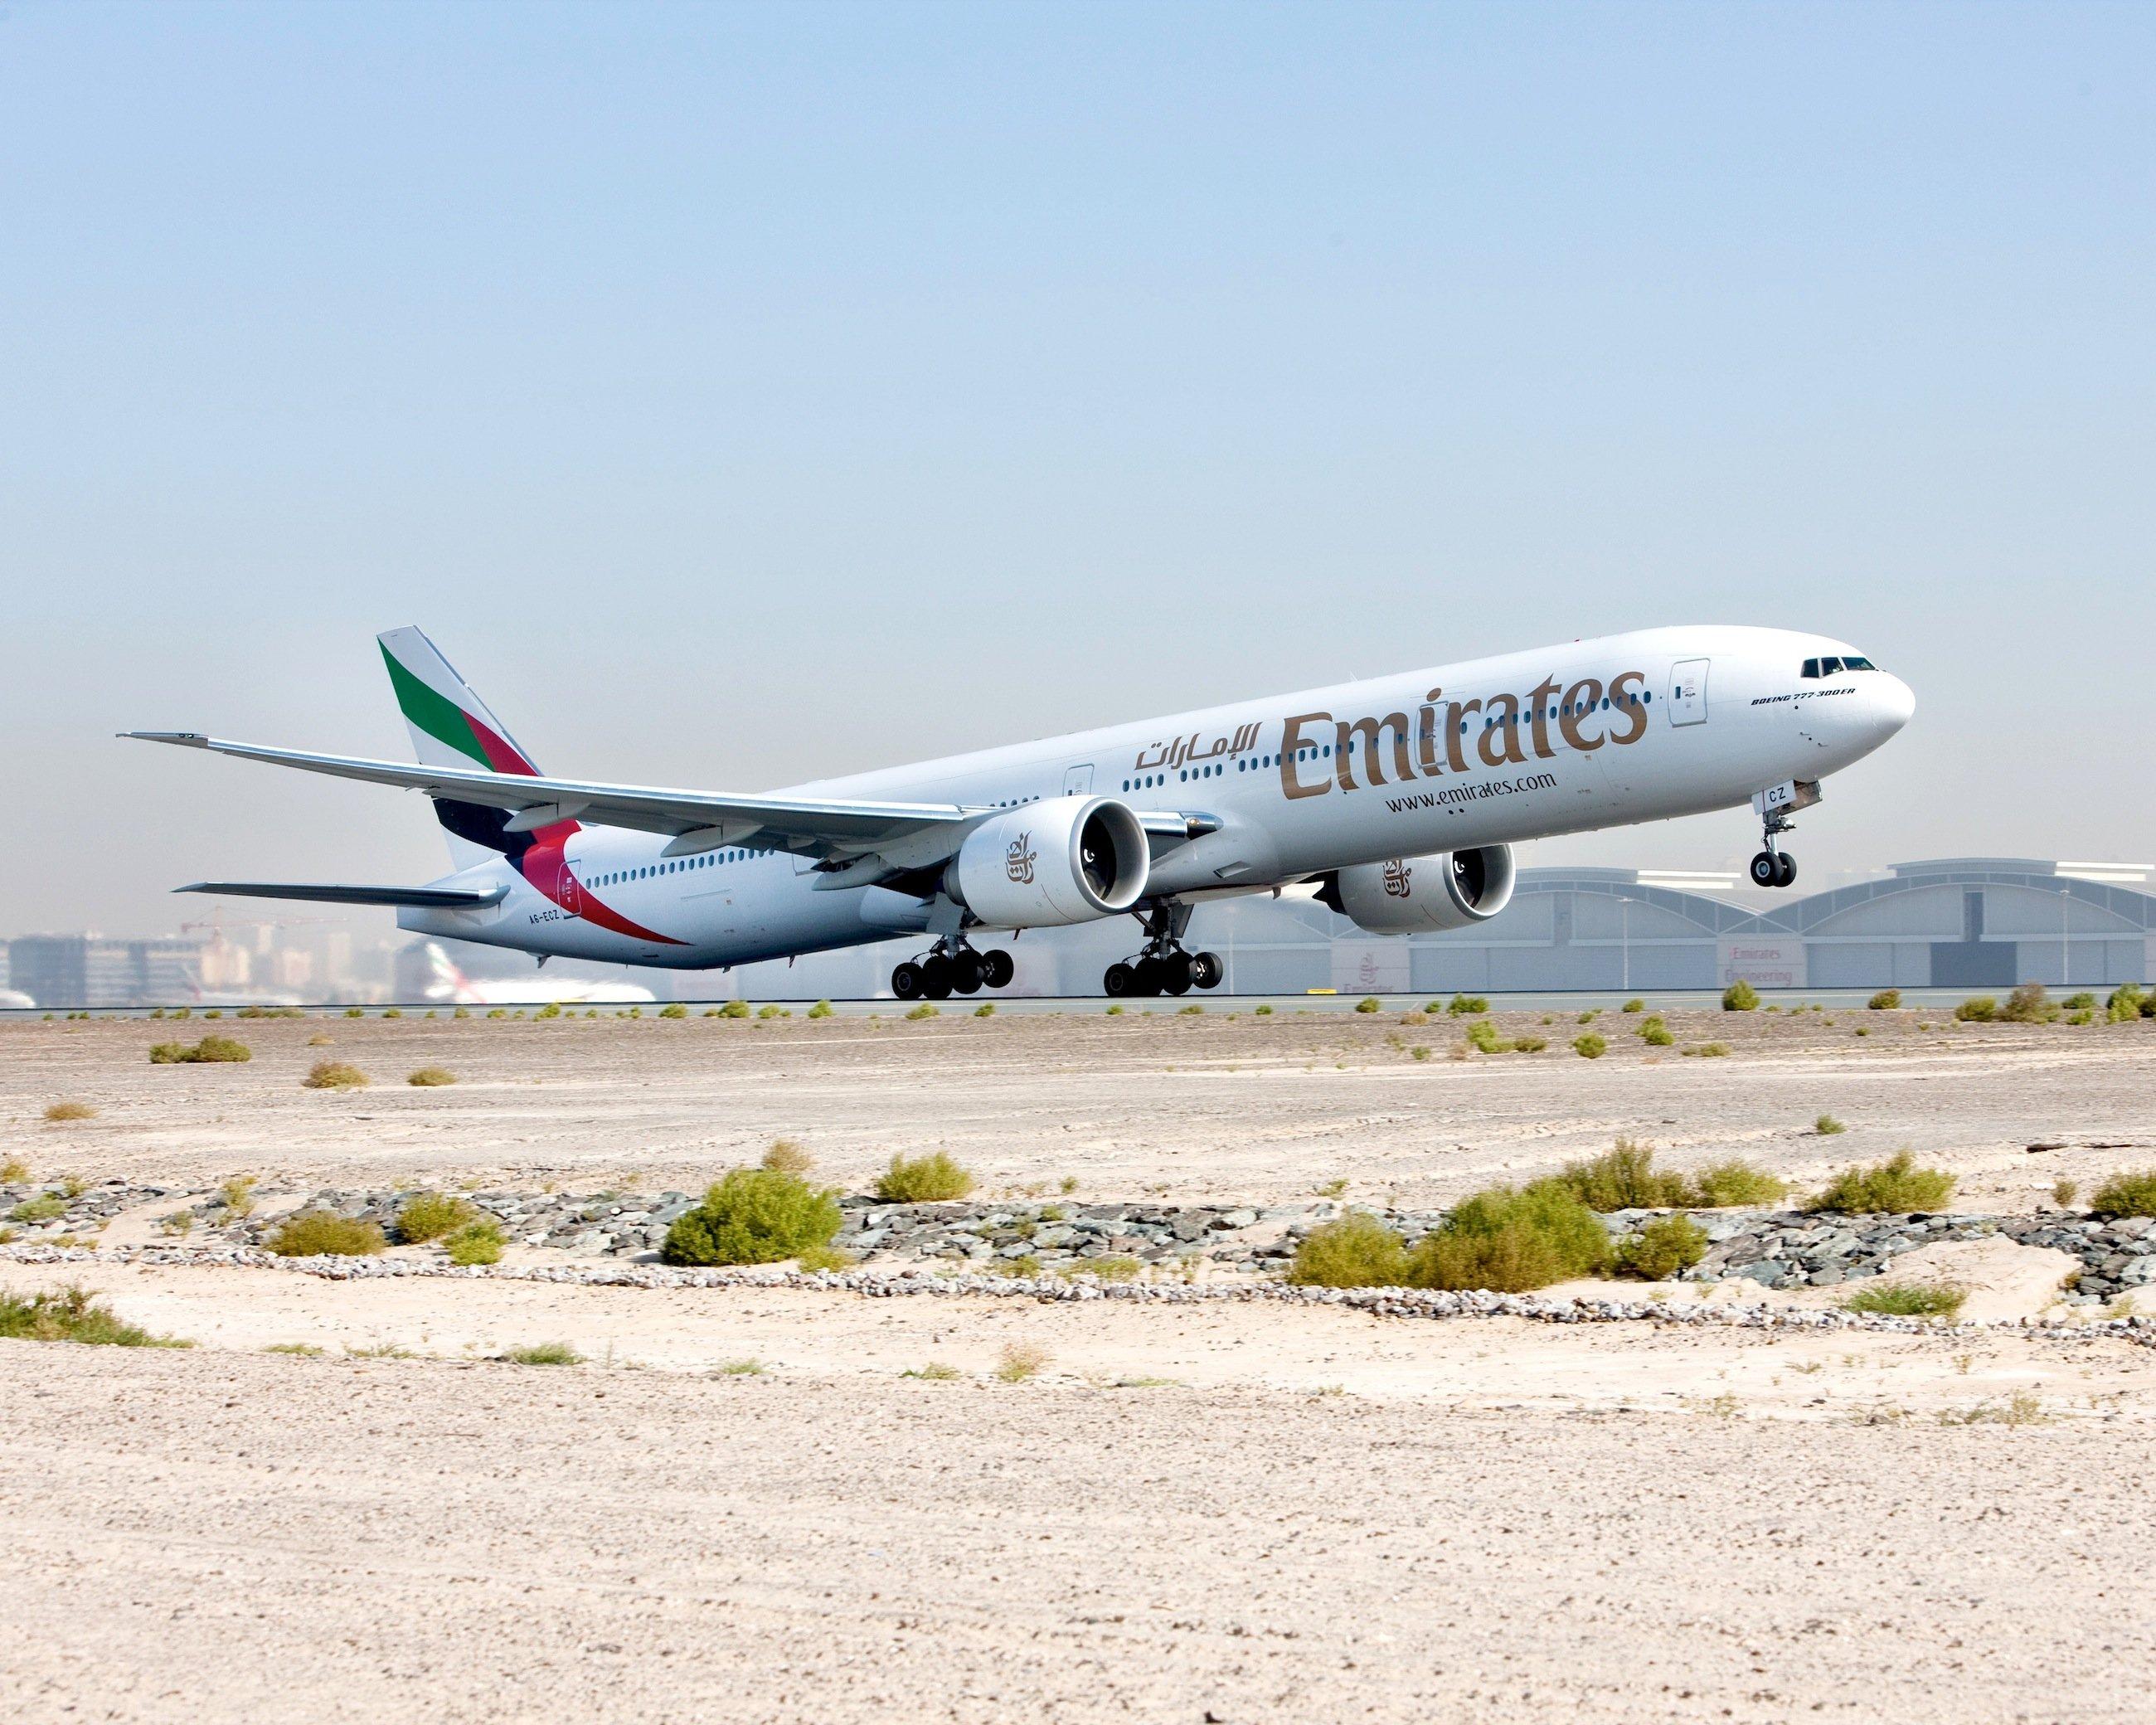 Auch Emirates ist ein Großkunde für das Langstreckenflugzeug Boeing 777-300ER, das derzeit mit hohen Rabatten angeboten wird.